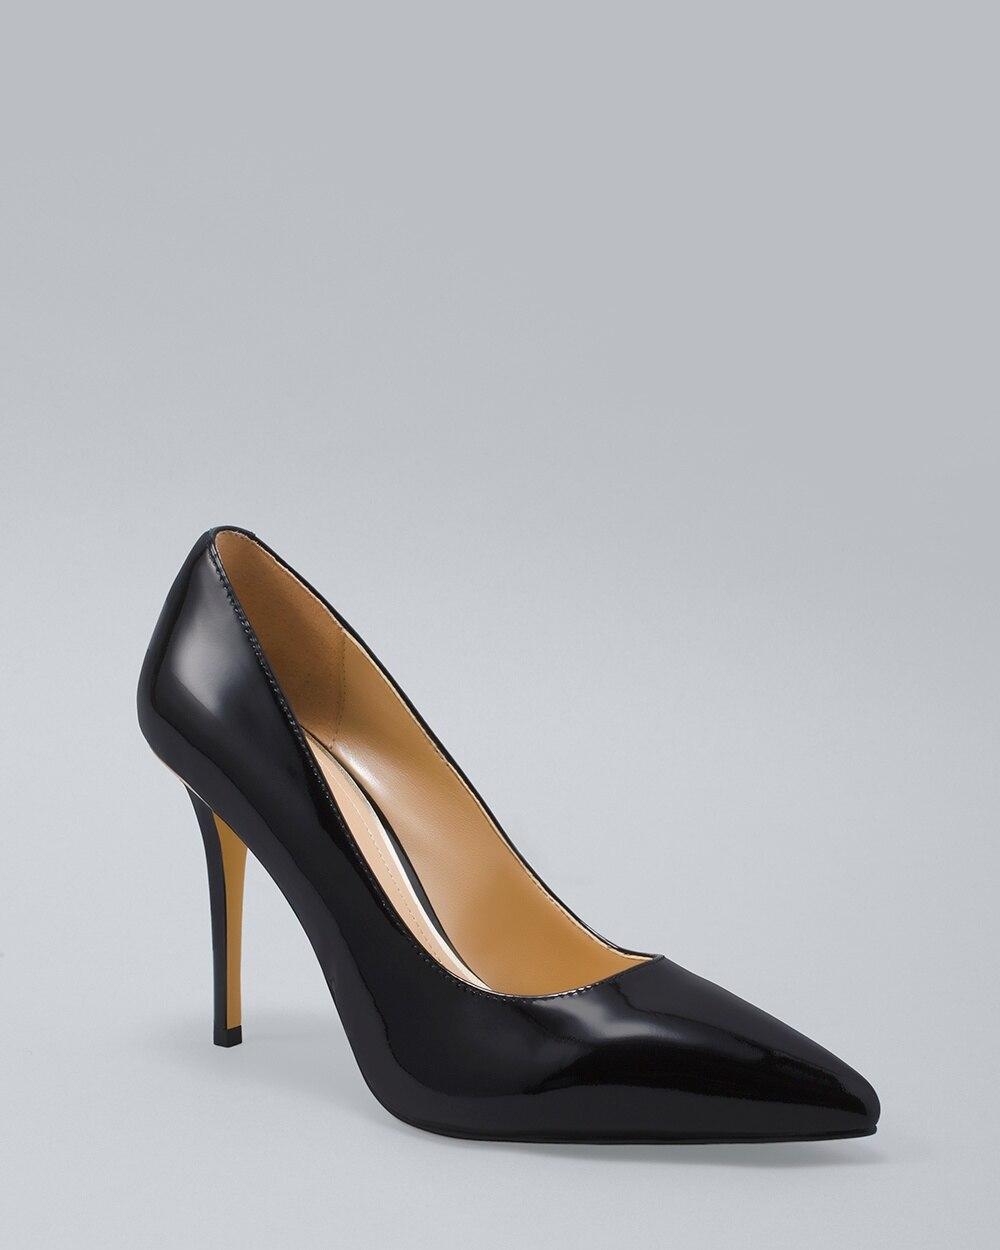 982ed876d6f2 Women s Shoes   Accessories - White House Black Market